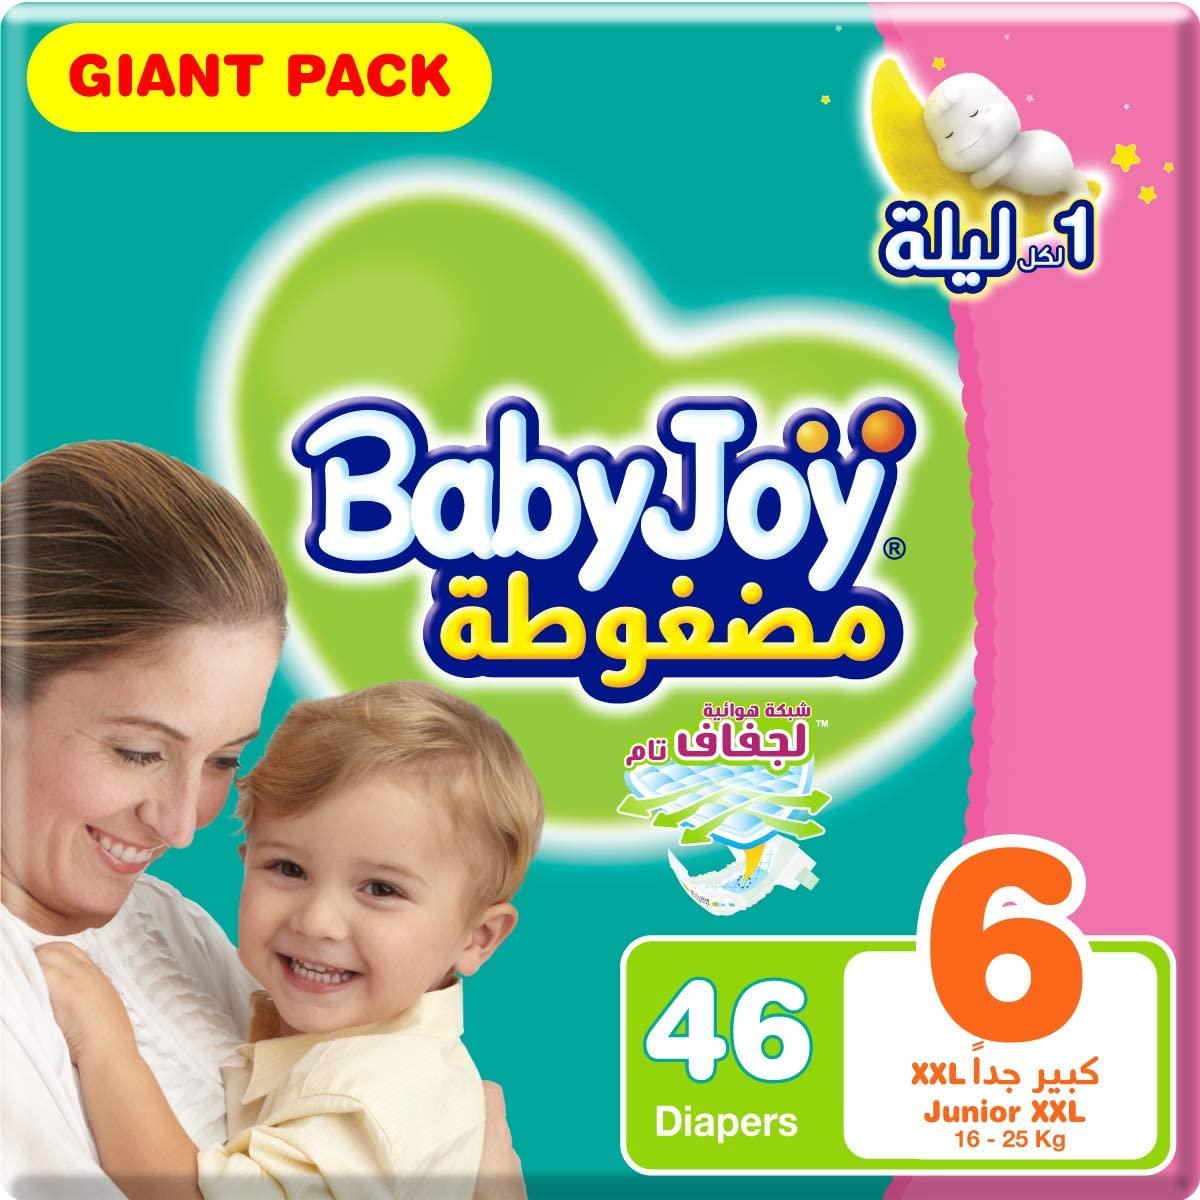 أسعار حفاضات بيبي جوي Babyjoy في السعودية 2021